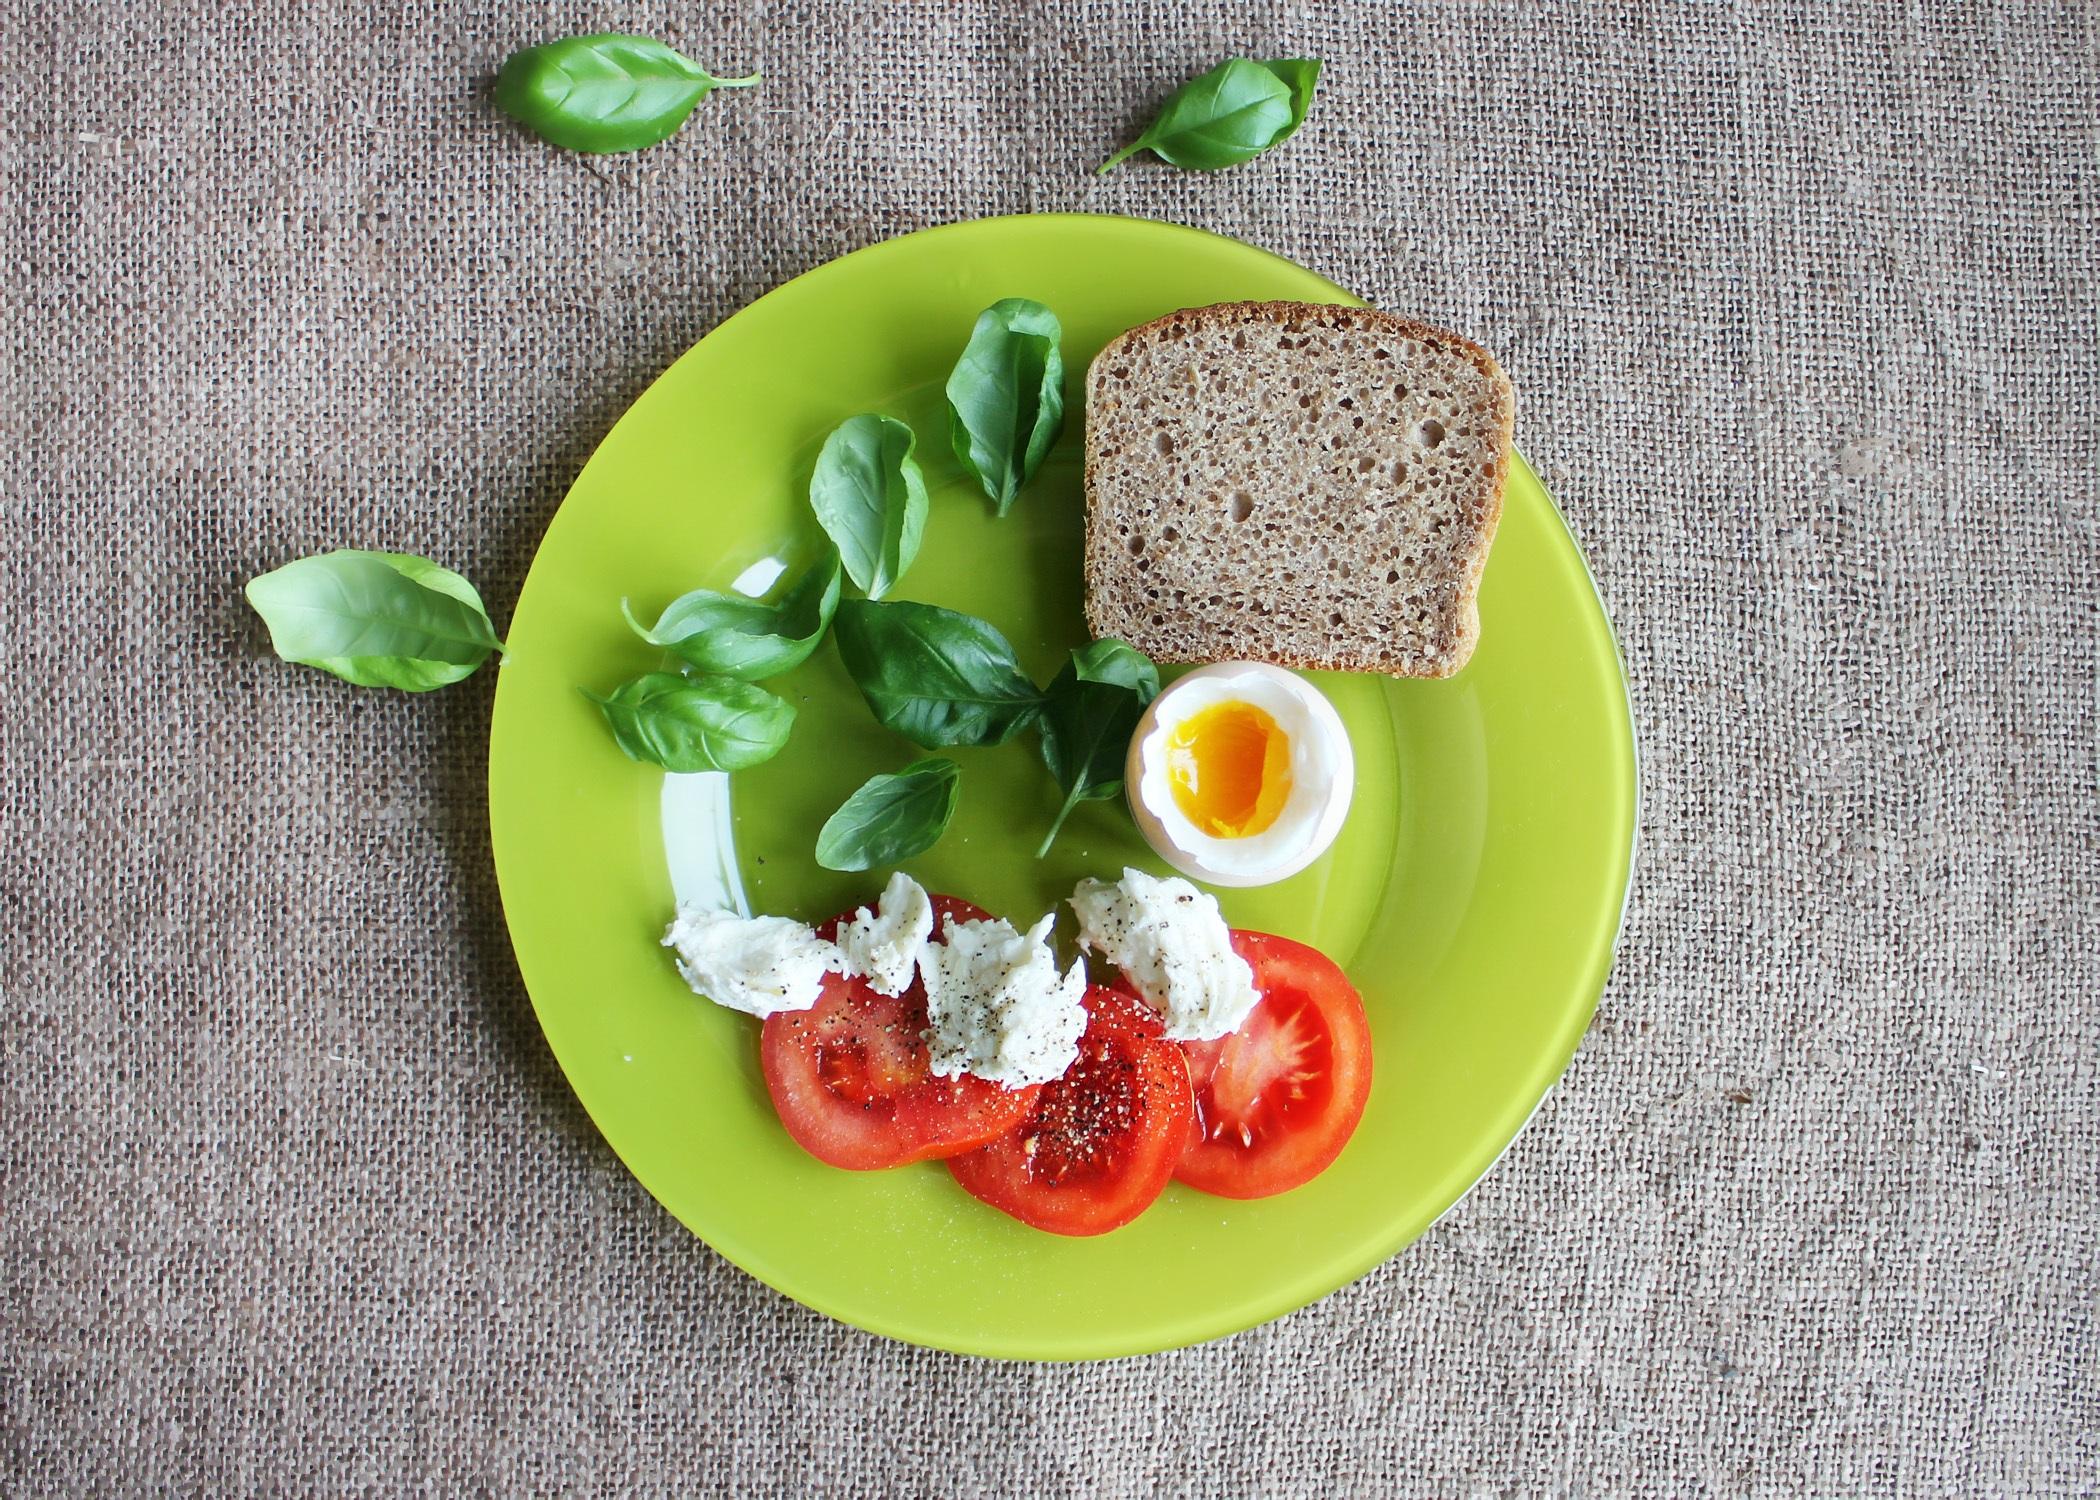 Sportowcu! Jedz śniadania